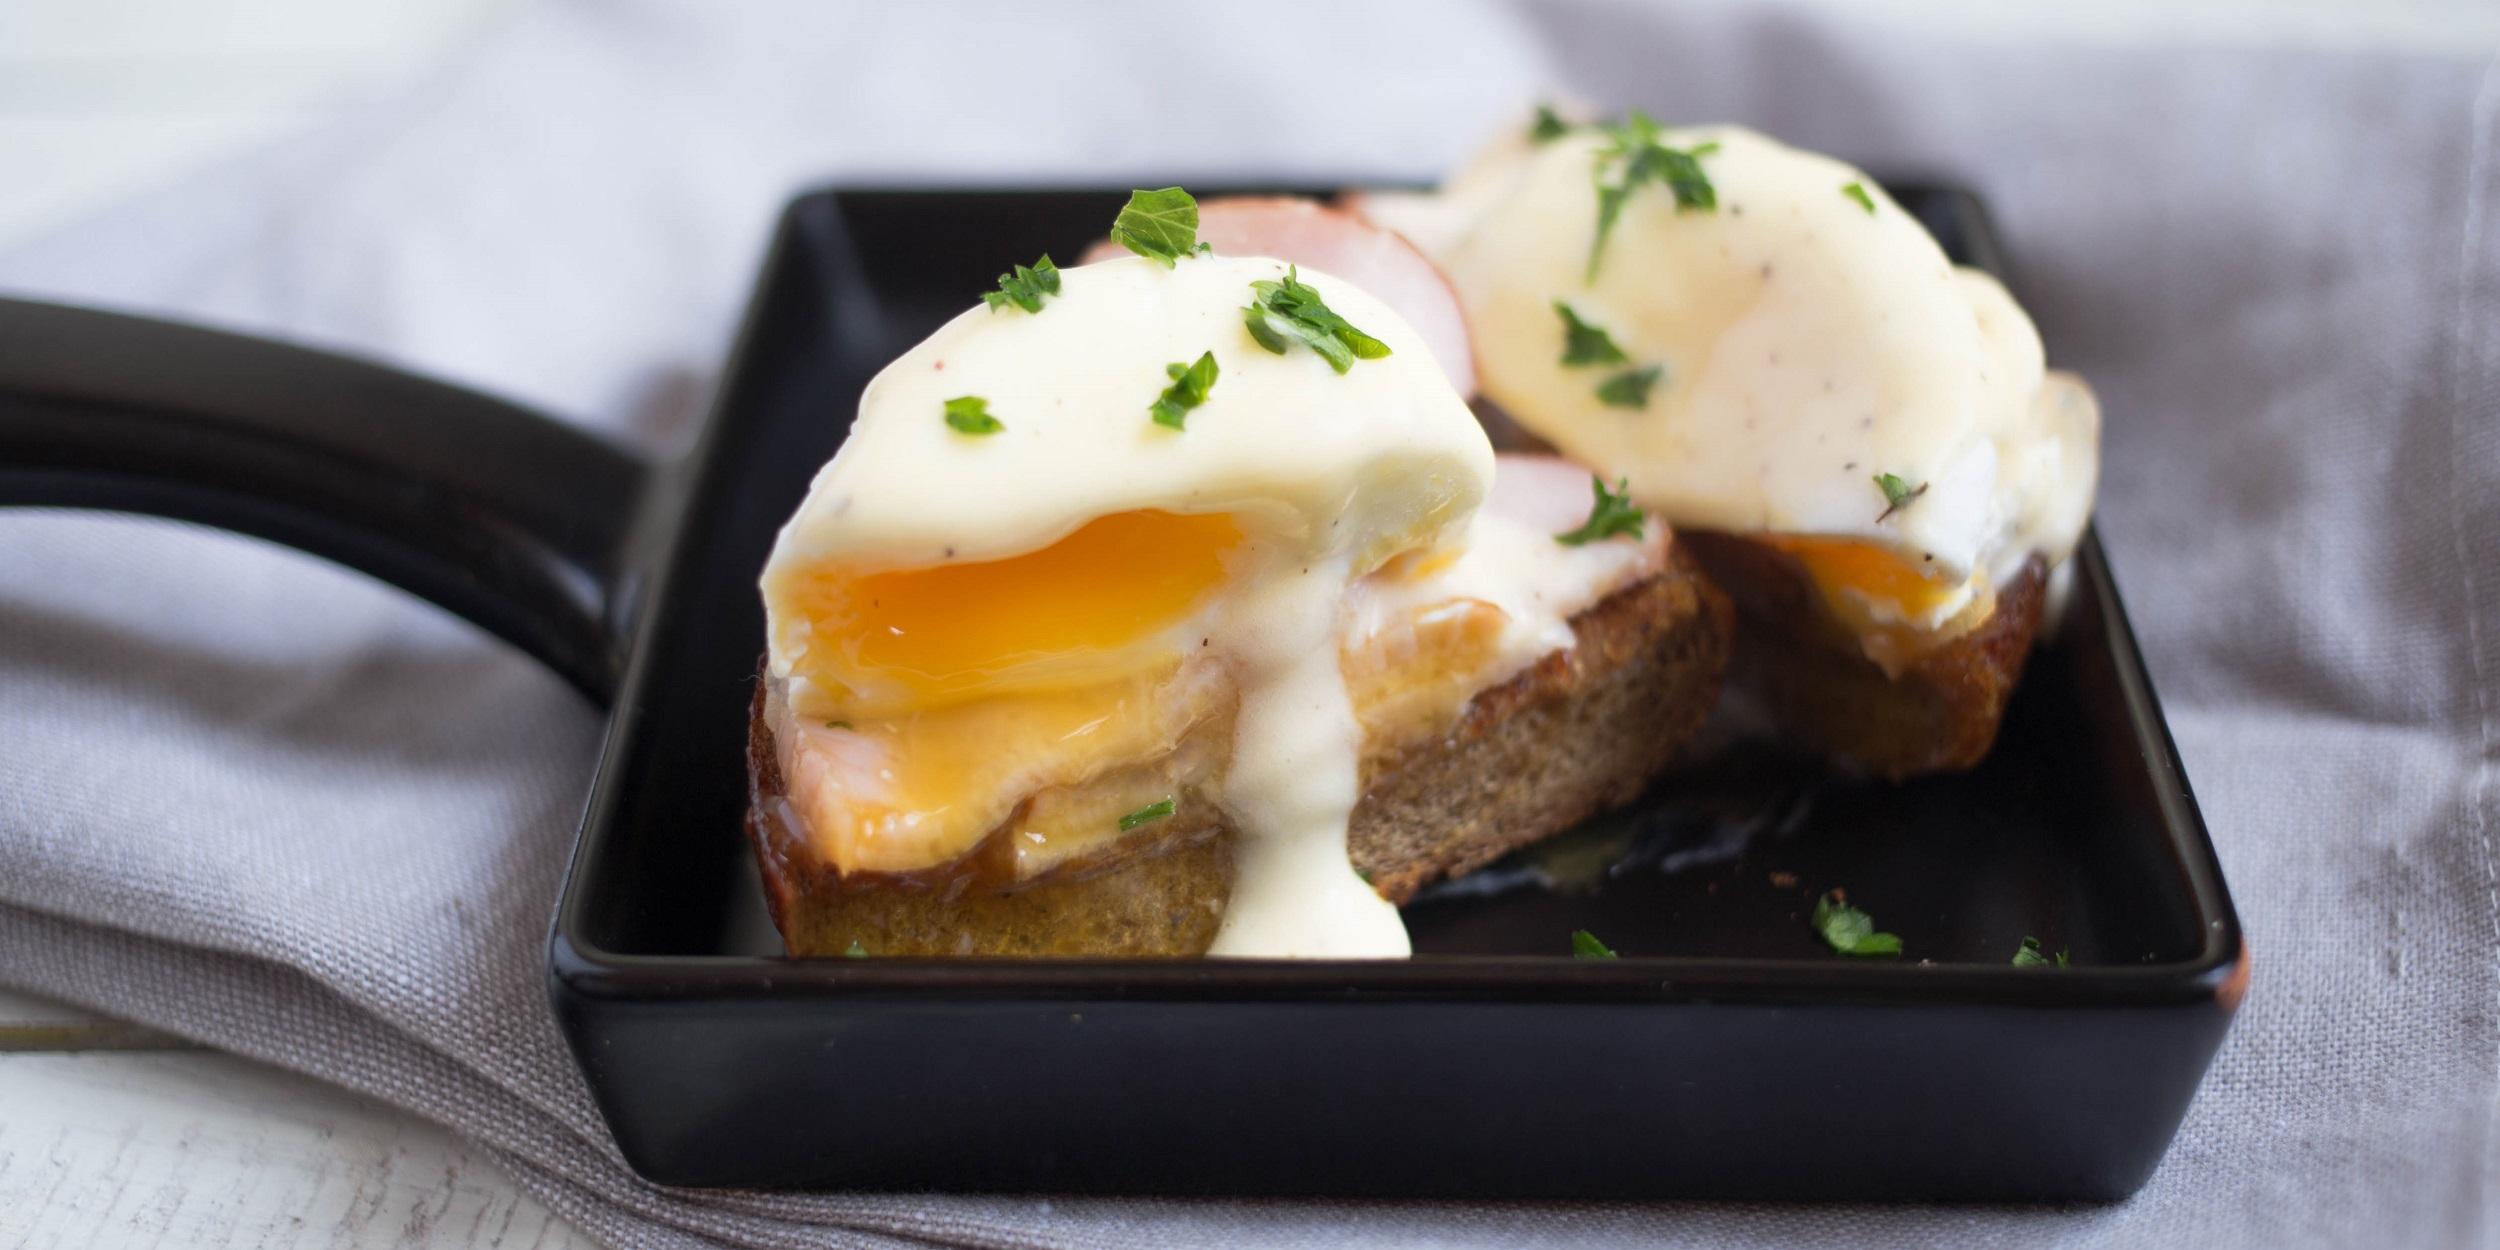 Яйцо пашот - как приготовить в домашних условиях по пошаговым рецептам с фото